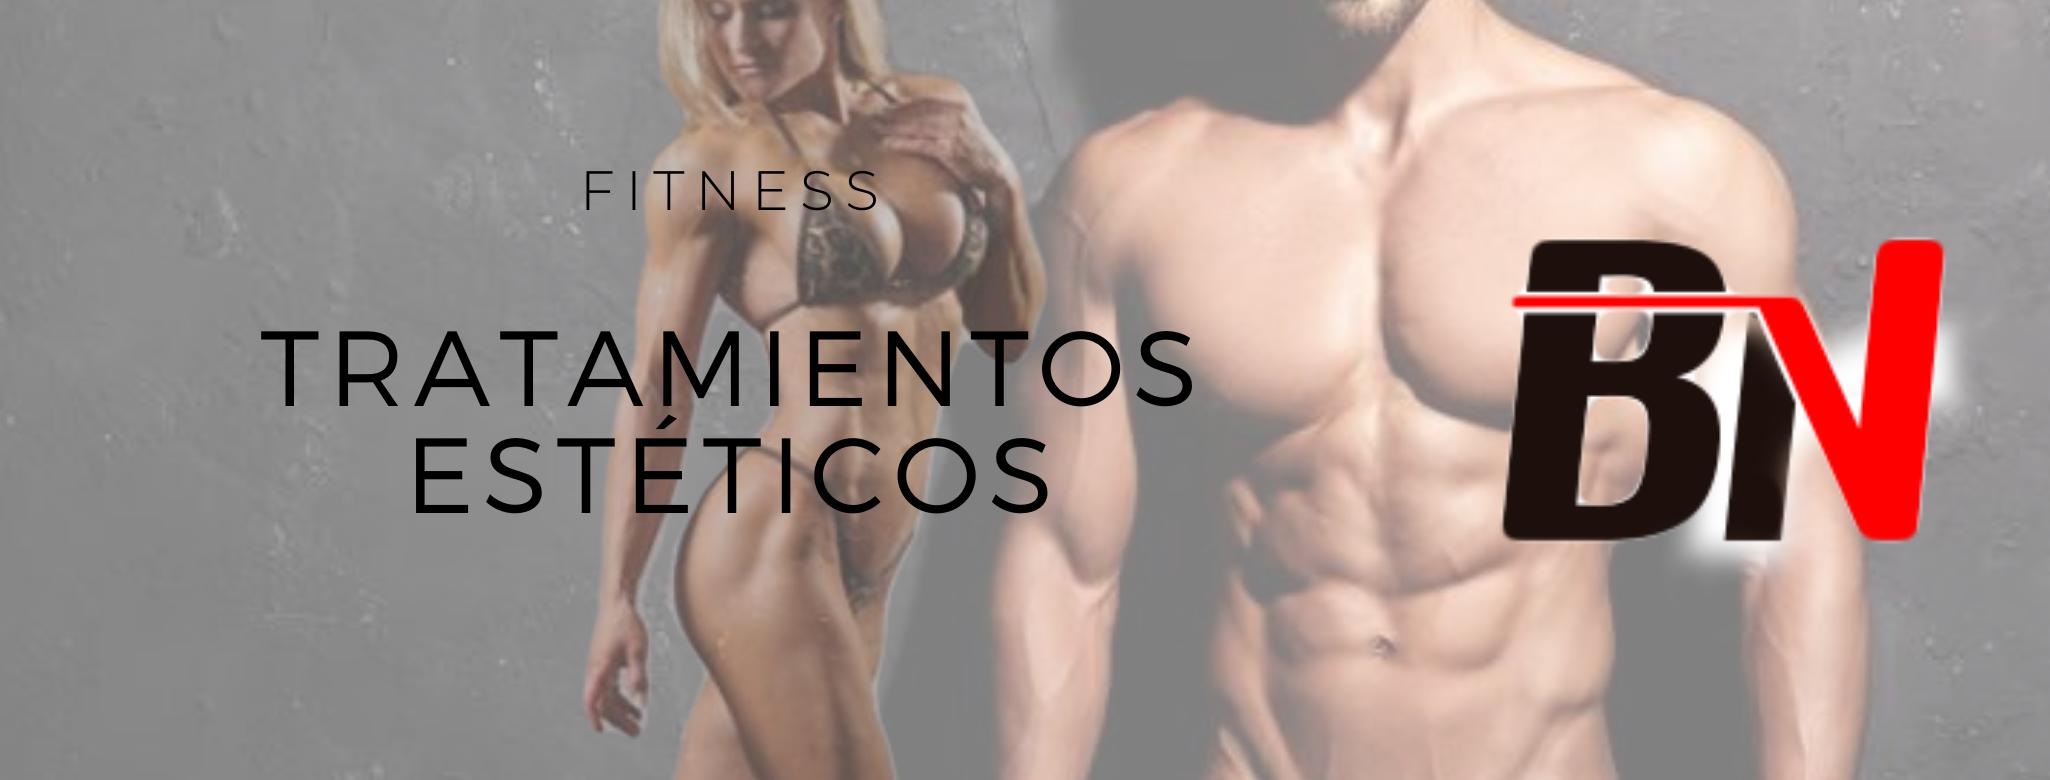 tratamientos estéticos para entrenar y perder grasa